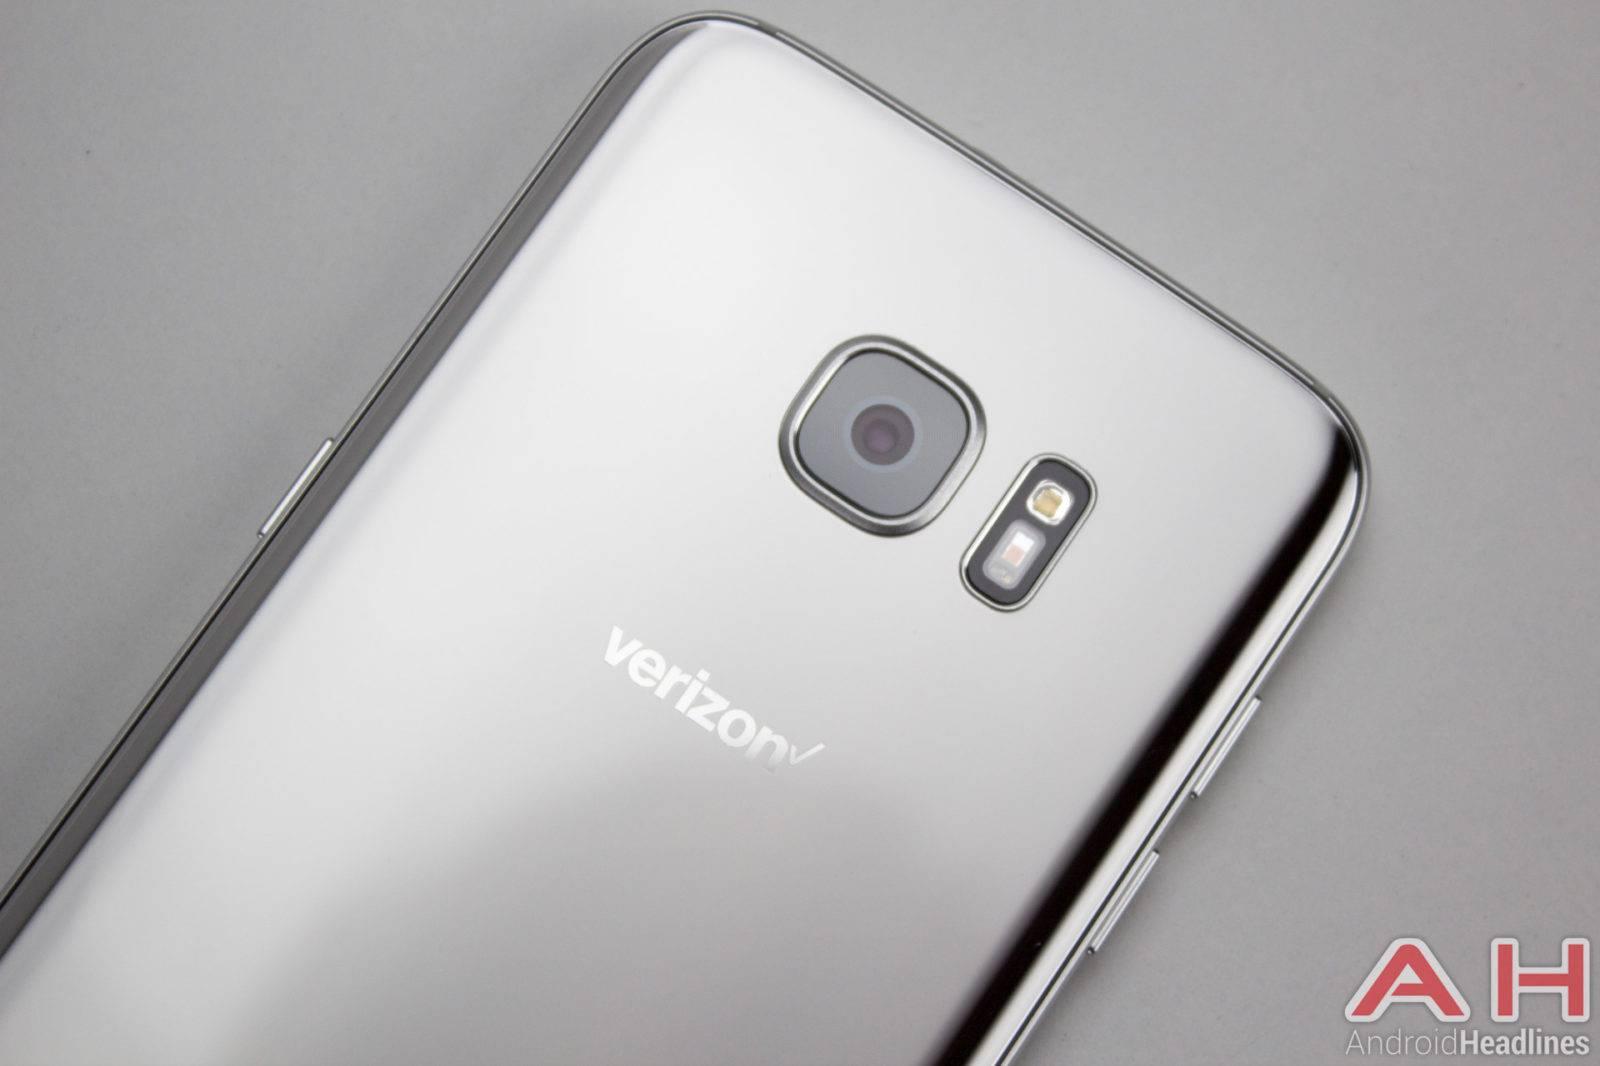 verizon responds to galaxy s7 update amp dt ignite concerns